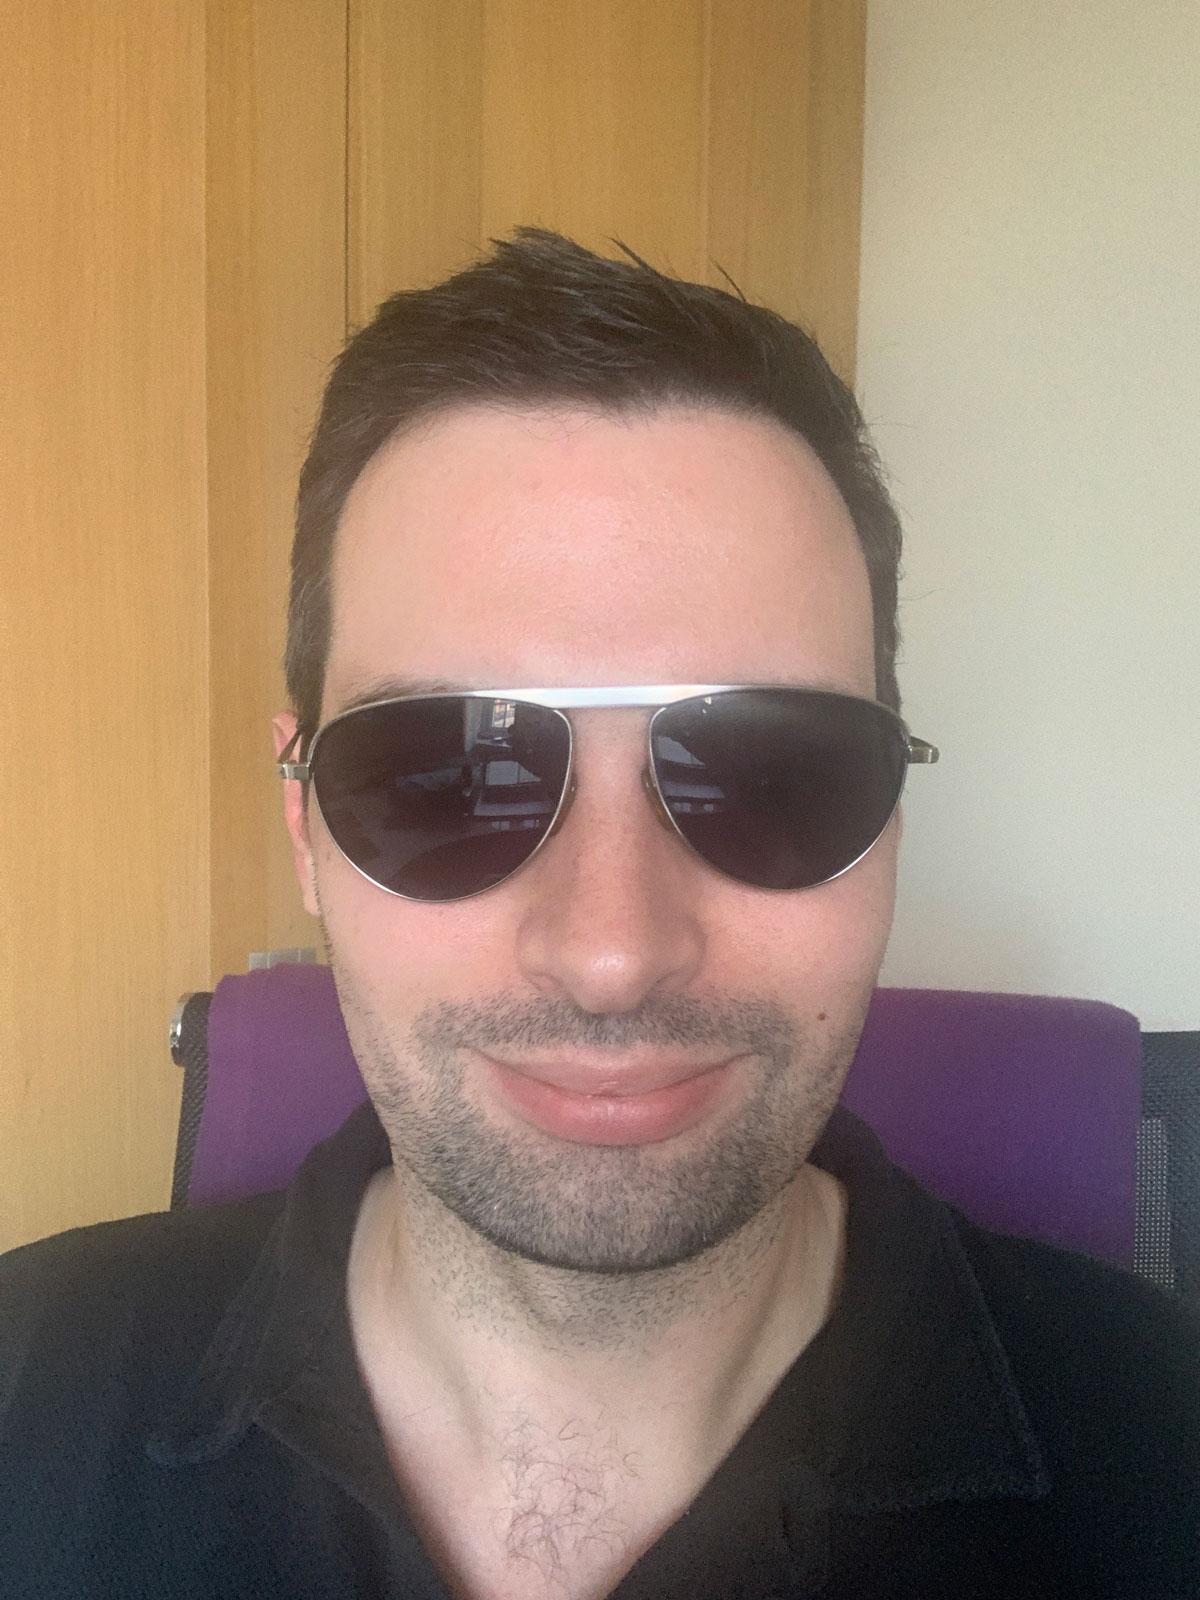 FT108 sunglasses